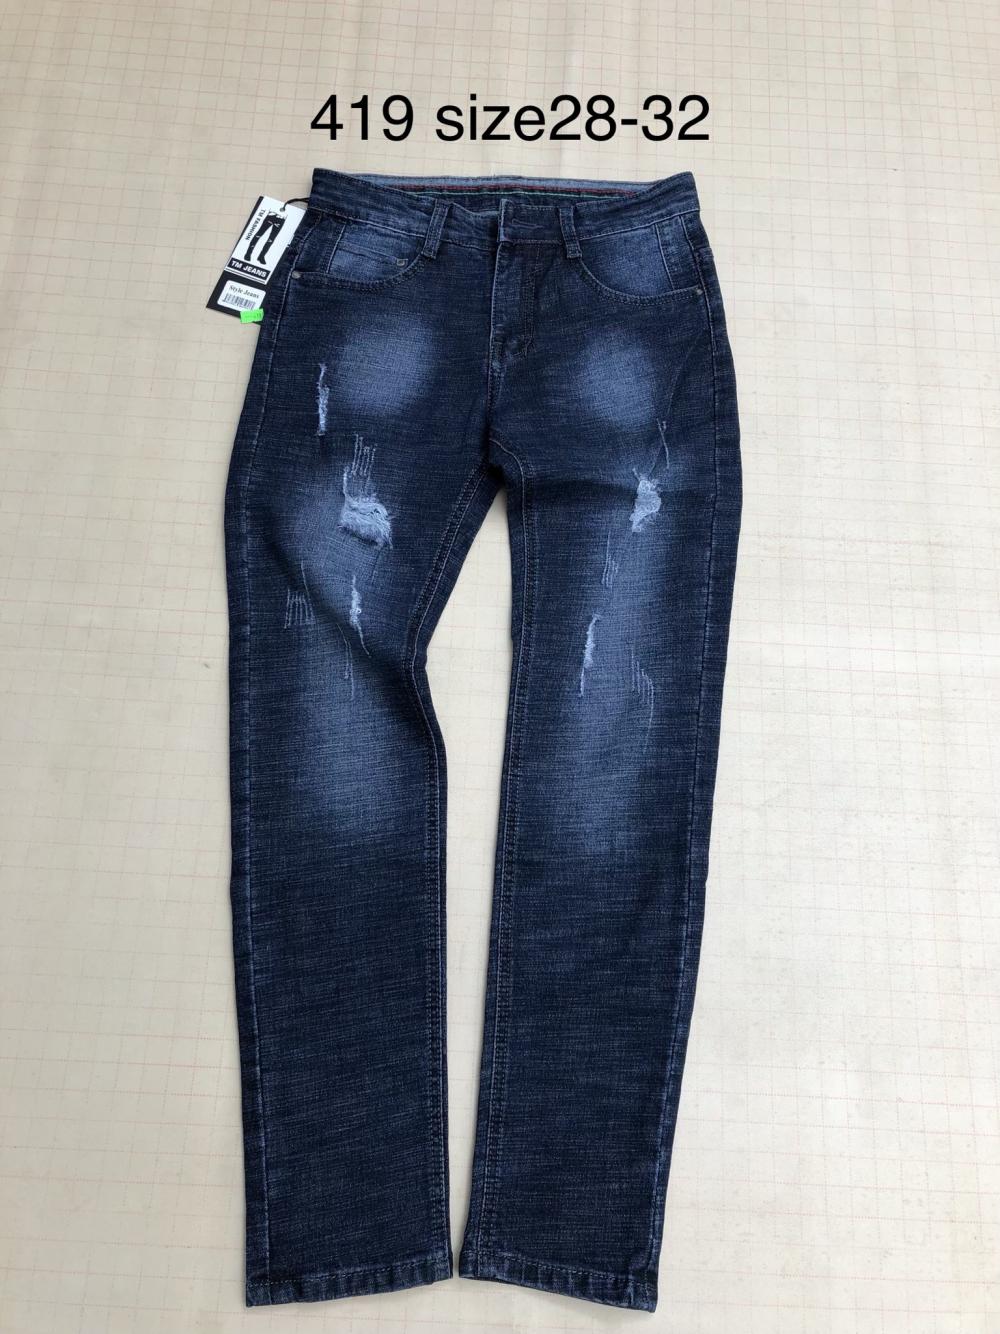 Quần jean nam dài 419